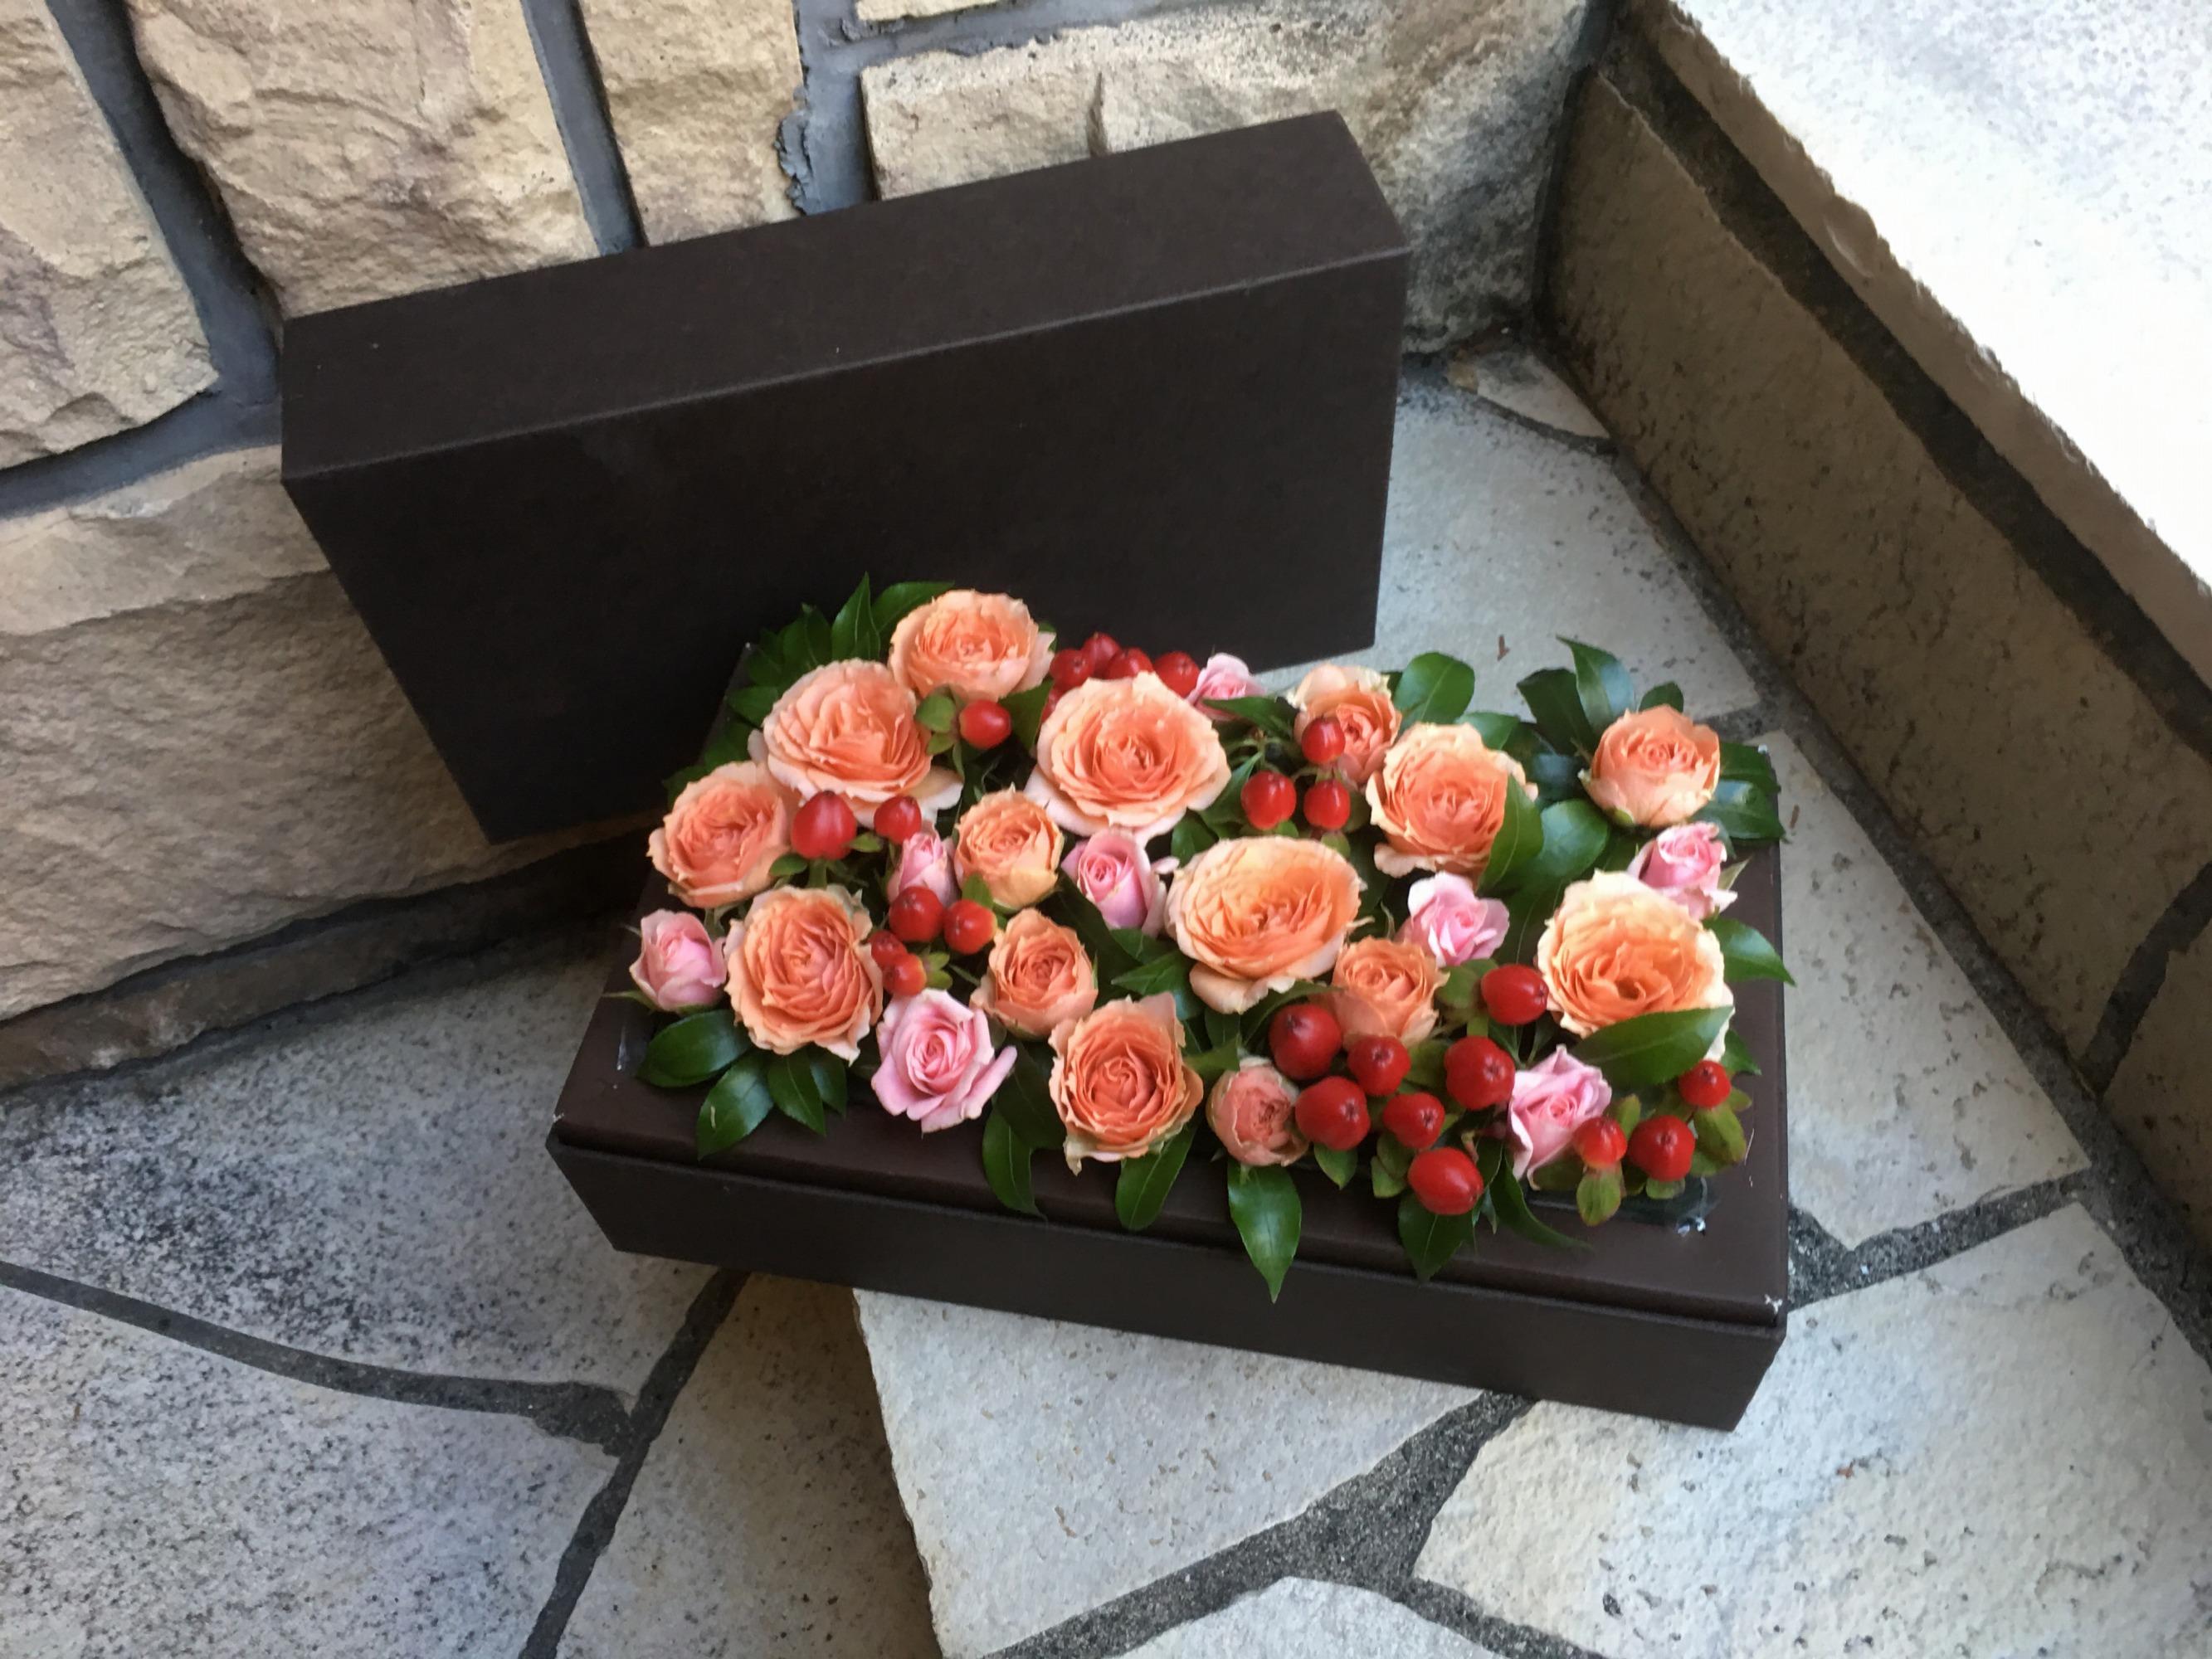 オレンジ Mデザイン BOX フラワー 3099